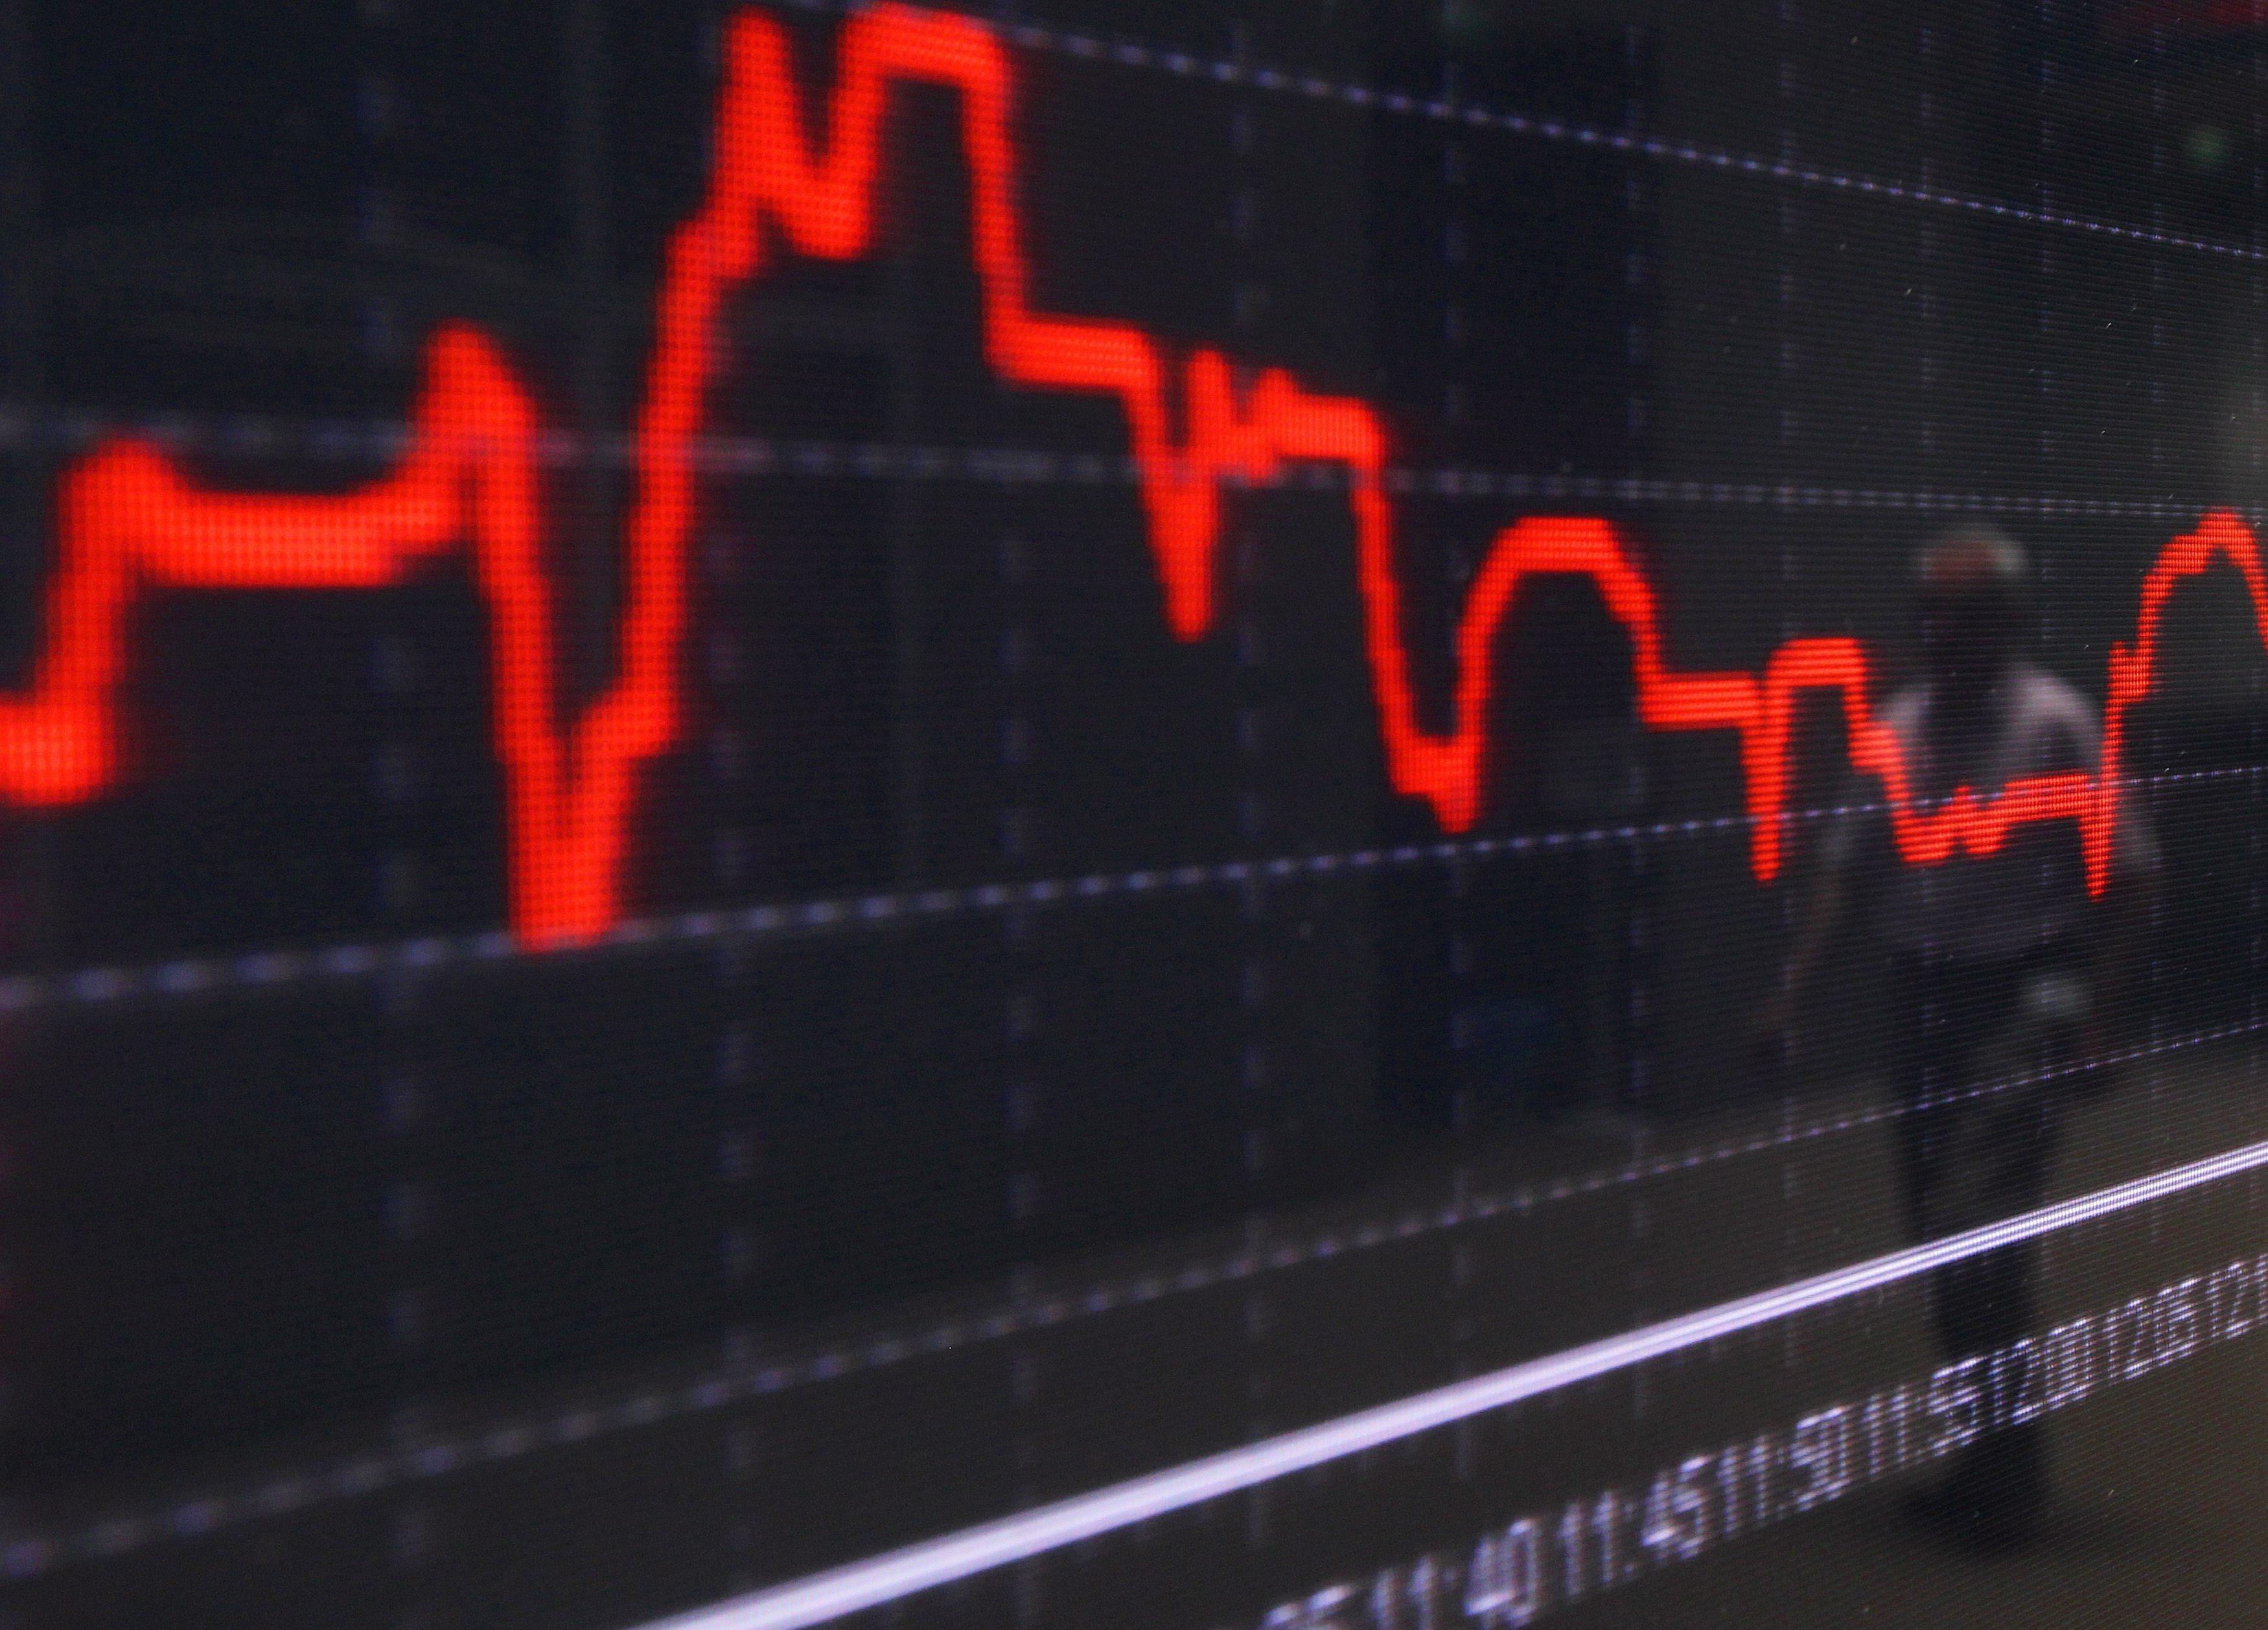 Wall Street fecha com perdas acima de 4% devido a medo suscitado pelo novo coronavírus